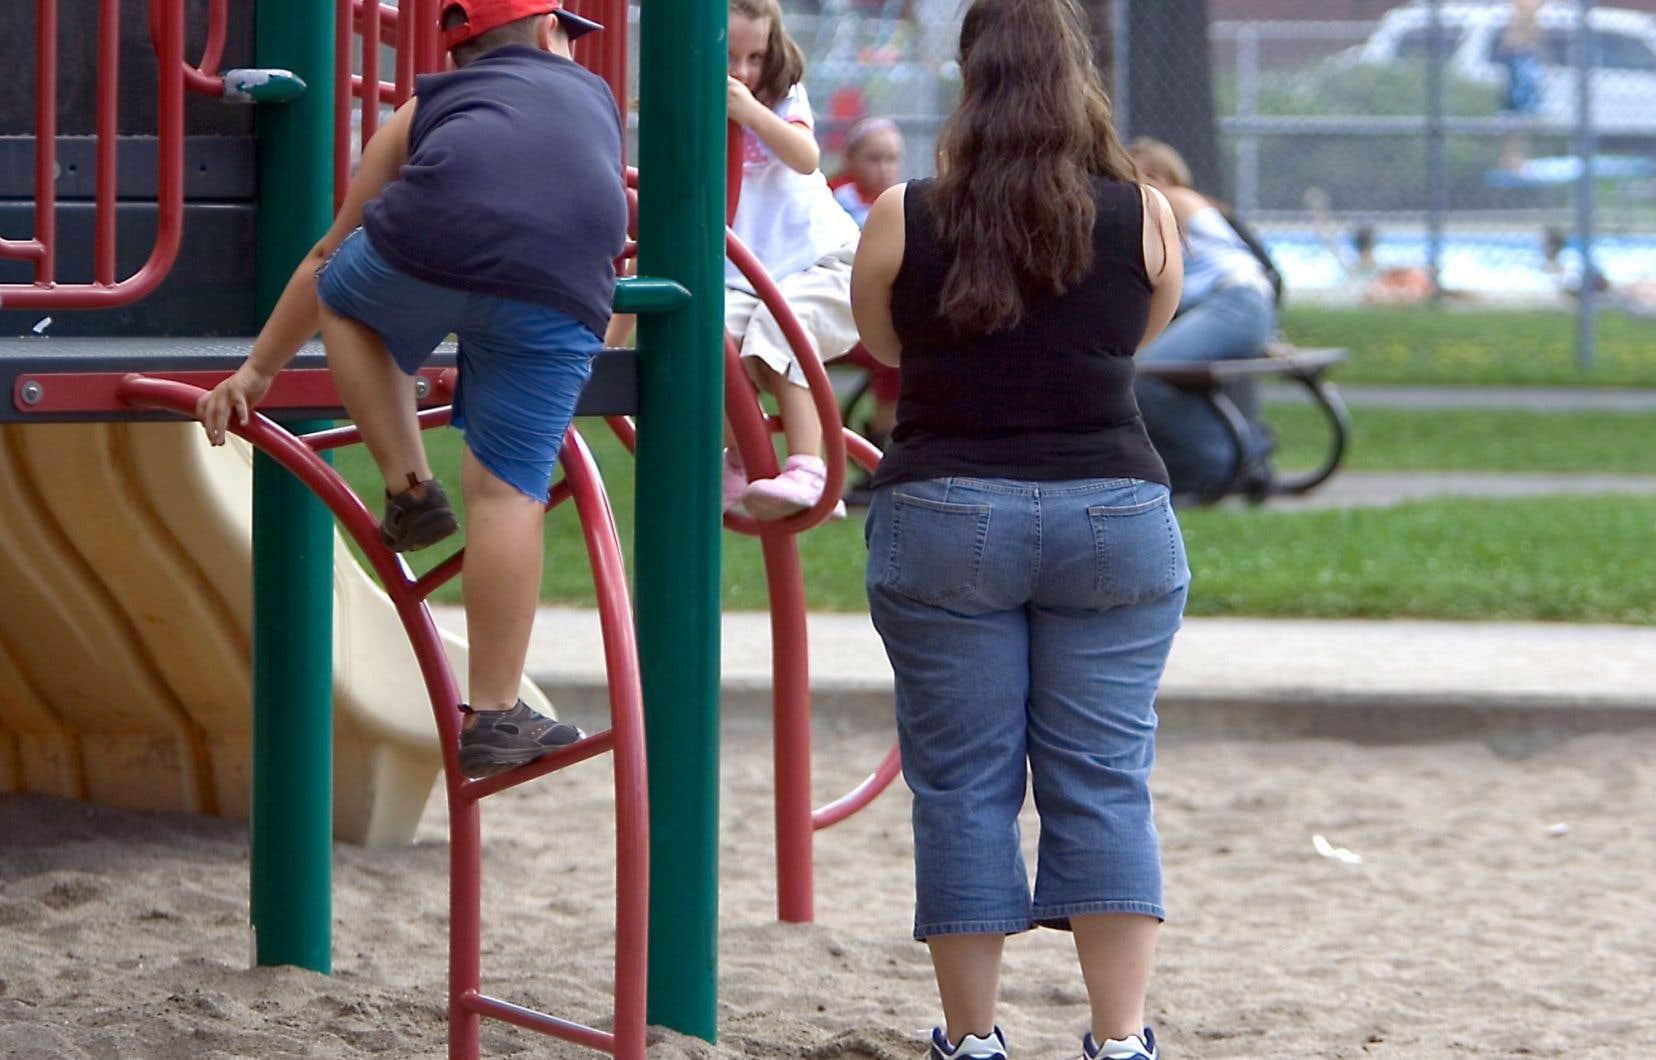 Une étude tend à démontrer que le système d'autorégulation des personnes en surpoids ou obèses est déficient.